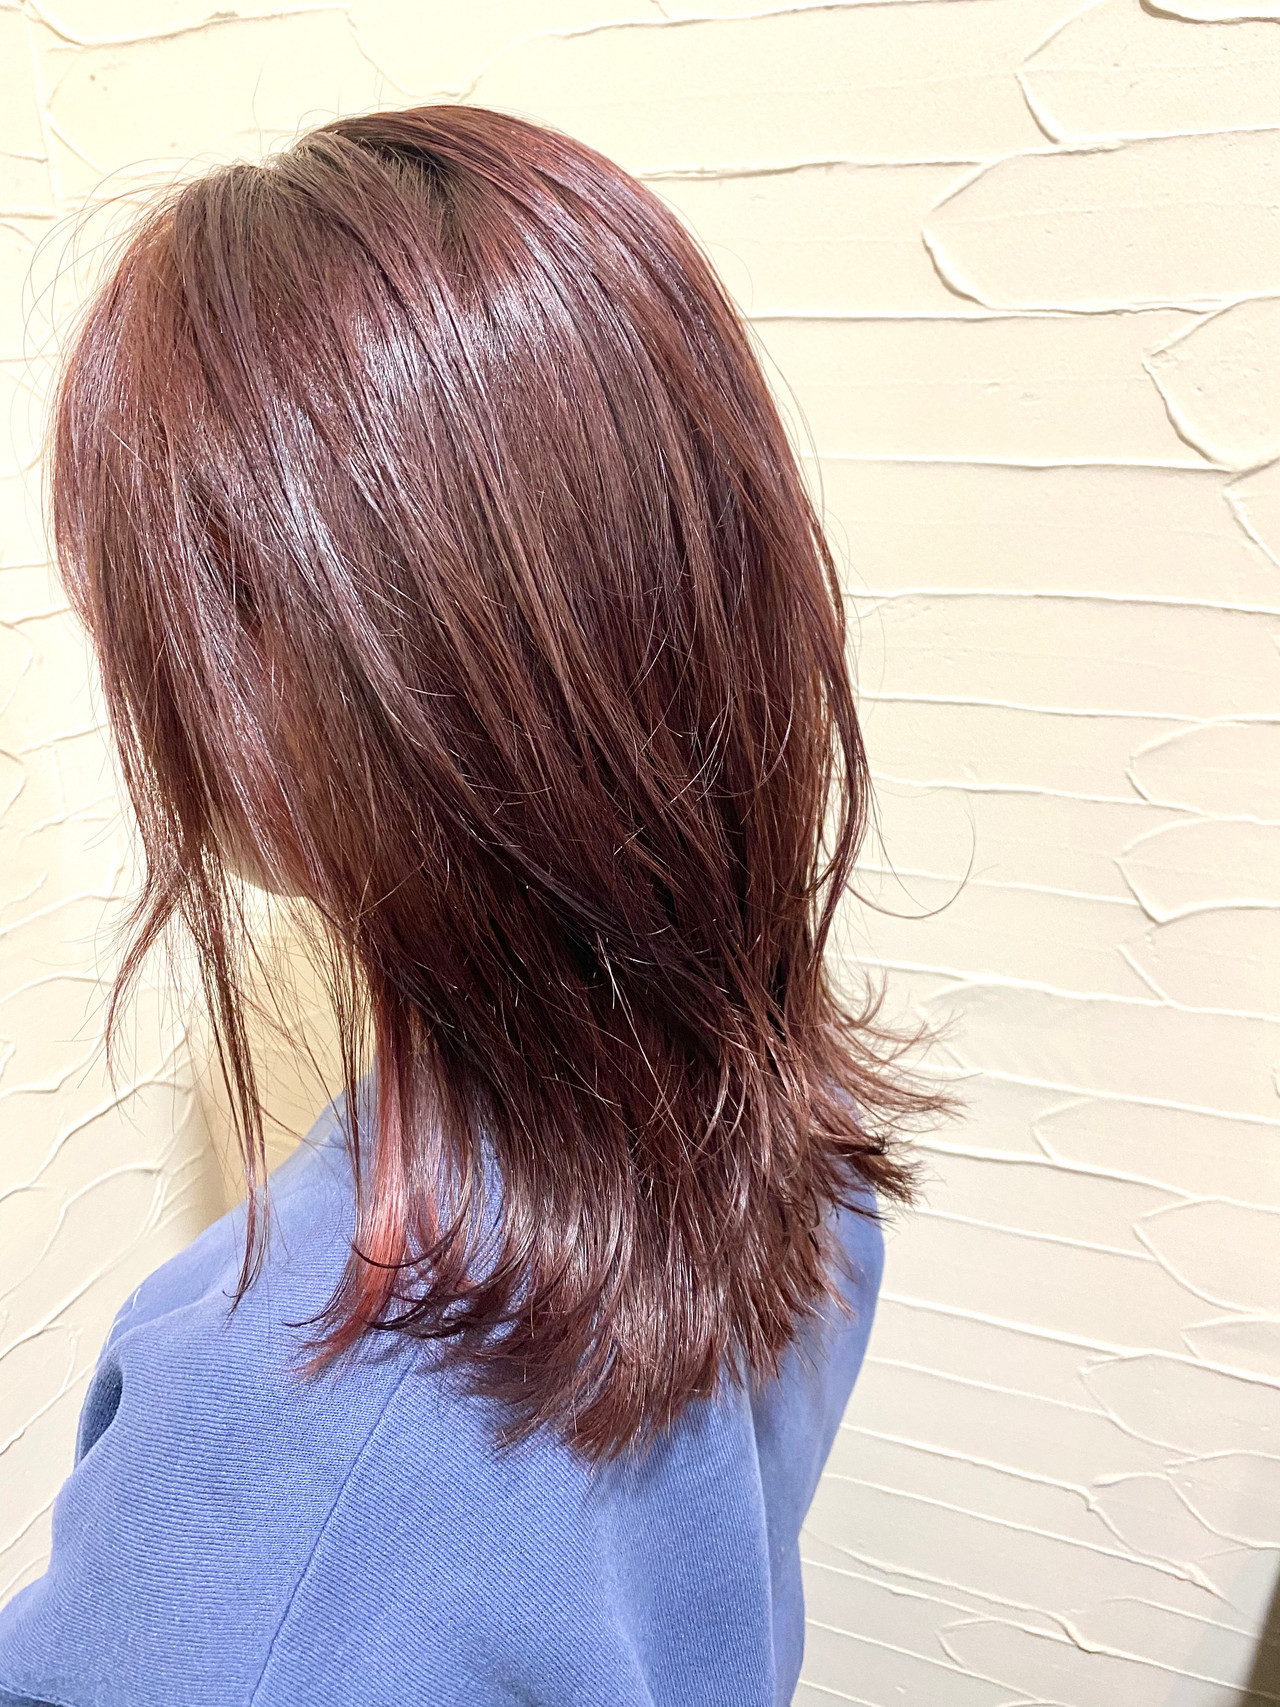 ラベンダーピンク ピンクベージュ ナチュラル ピンクバイオレット ヘアスタイルや髪型の写真・画像